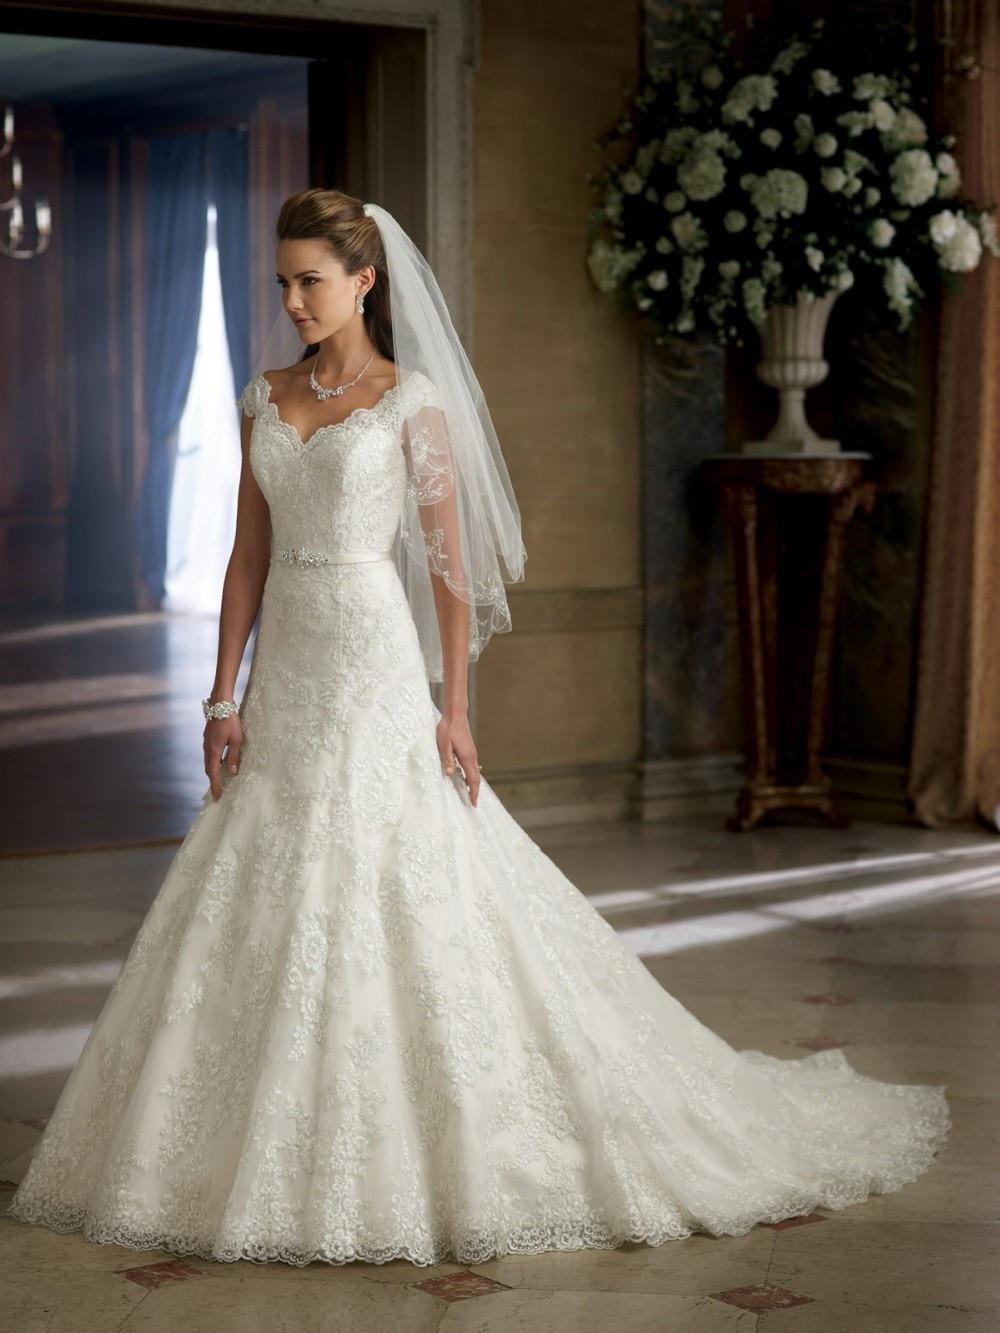 2014 Vestido Novia Mermaid Design V Neck Appliqued Wedding Bridal Dresses